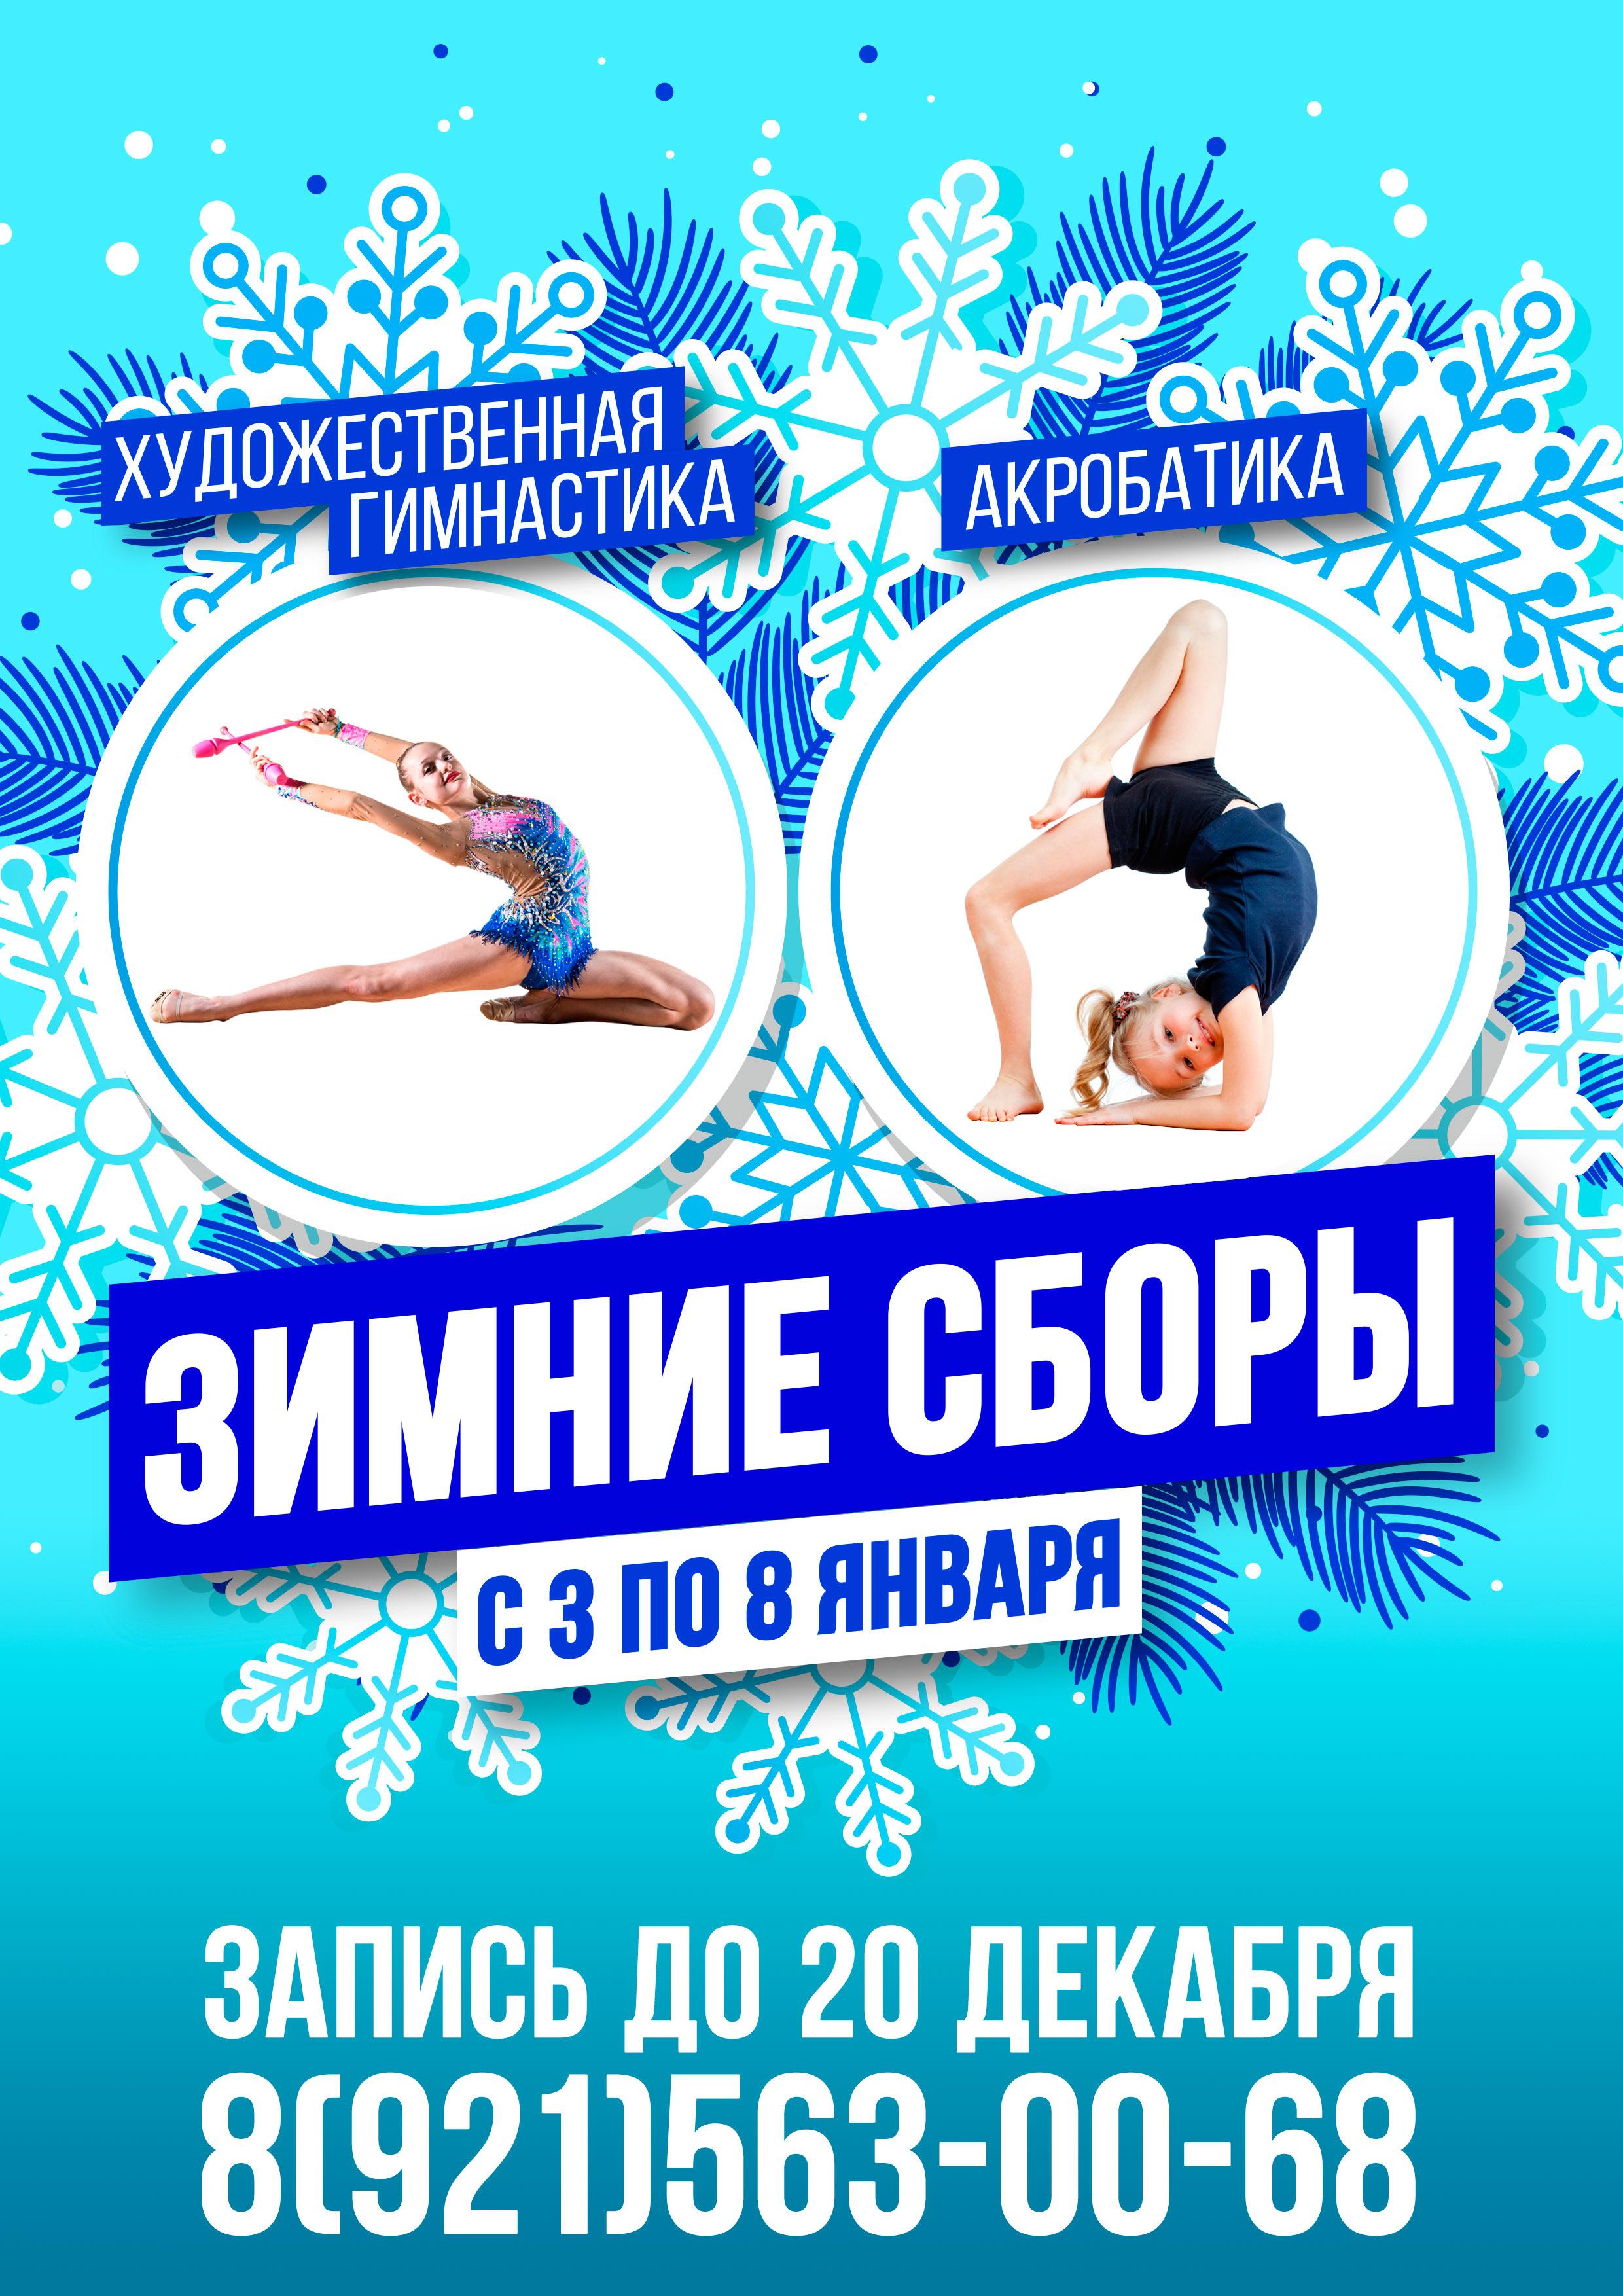 Зимние учебно-тренировочные сборы 2020